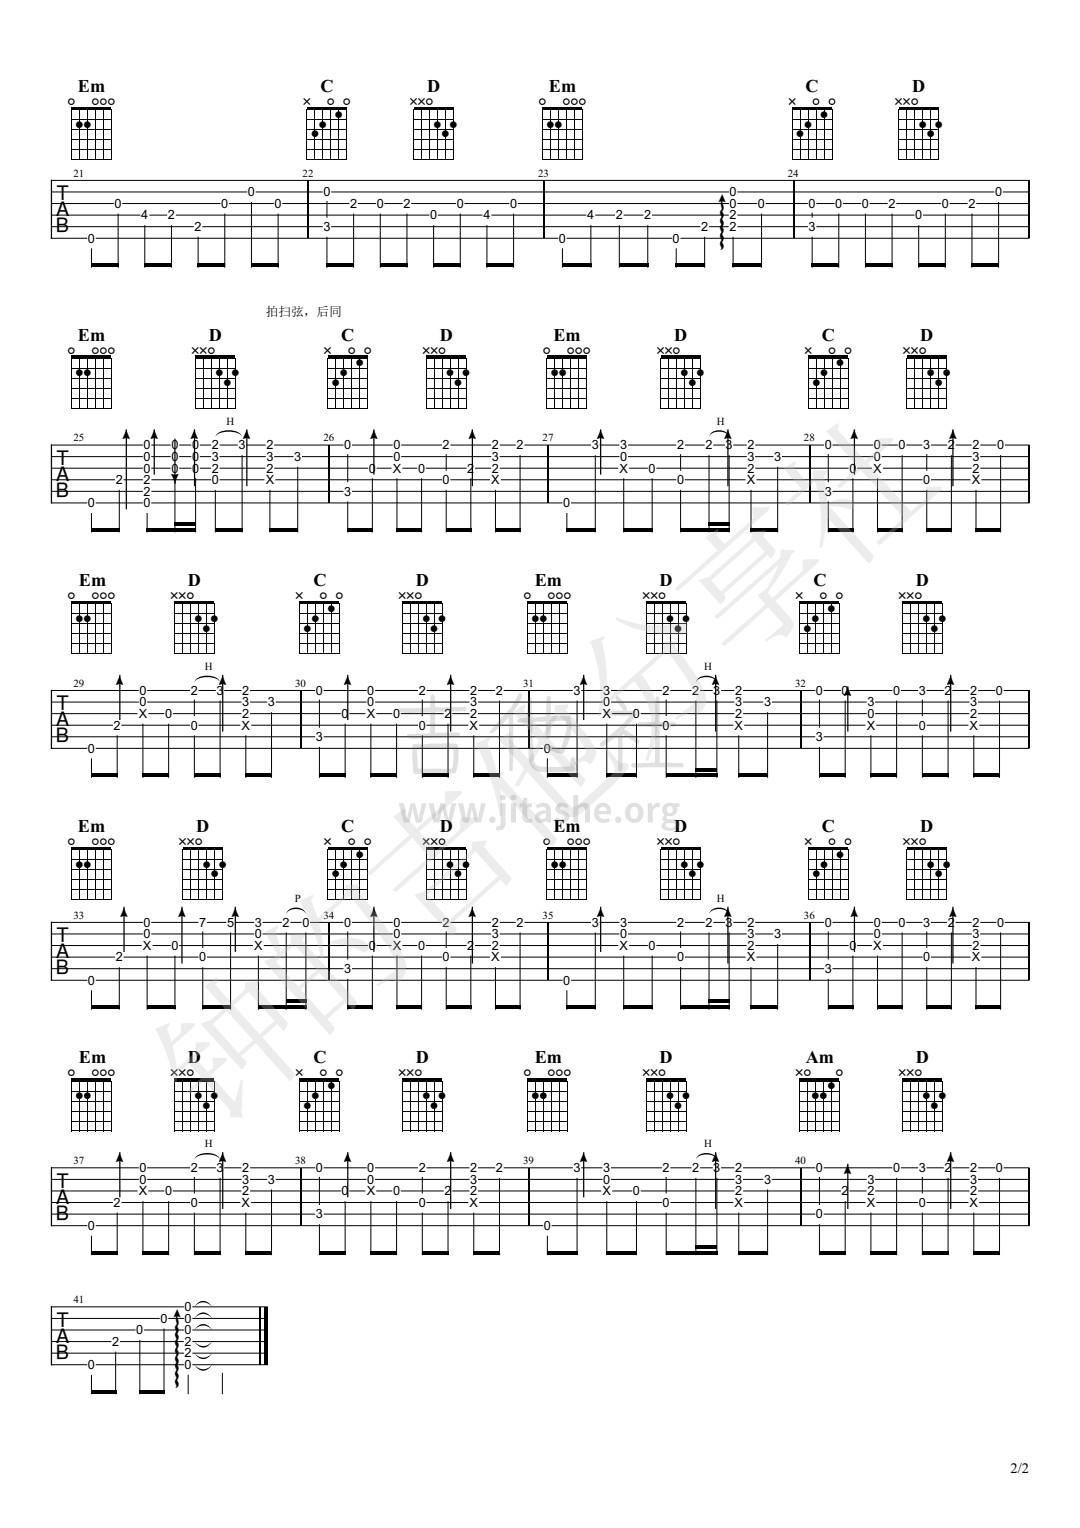 迪迦主题曲 - Take me higher吉他谱(图片谱,迪加主题曲)_动漫游戏(ACG)_2.jpg